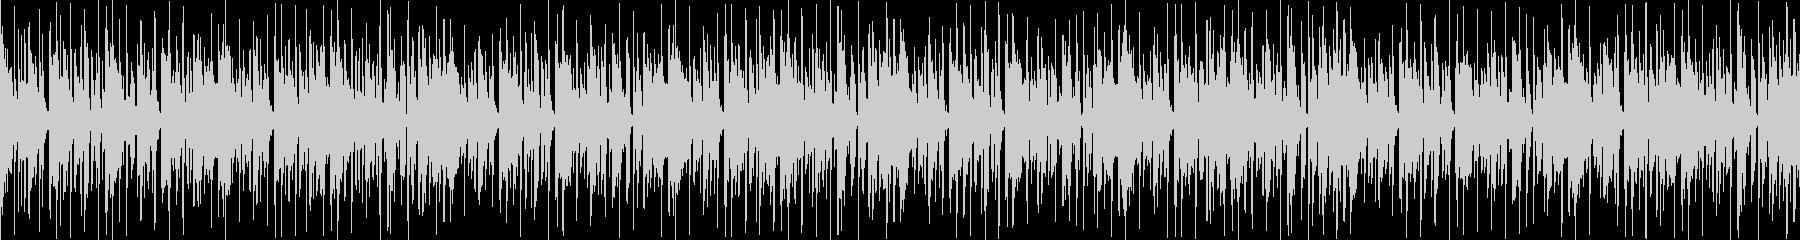 大人な雰囲気/ジャズ ハウス 【ループ】の未再生の波形